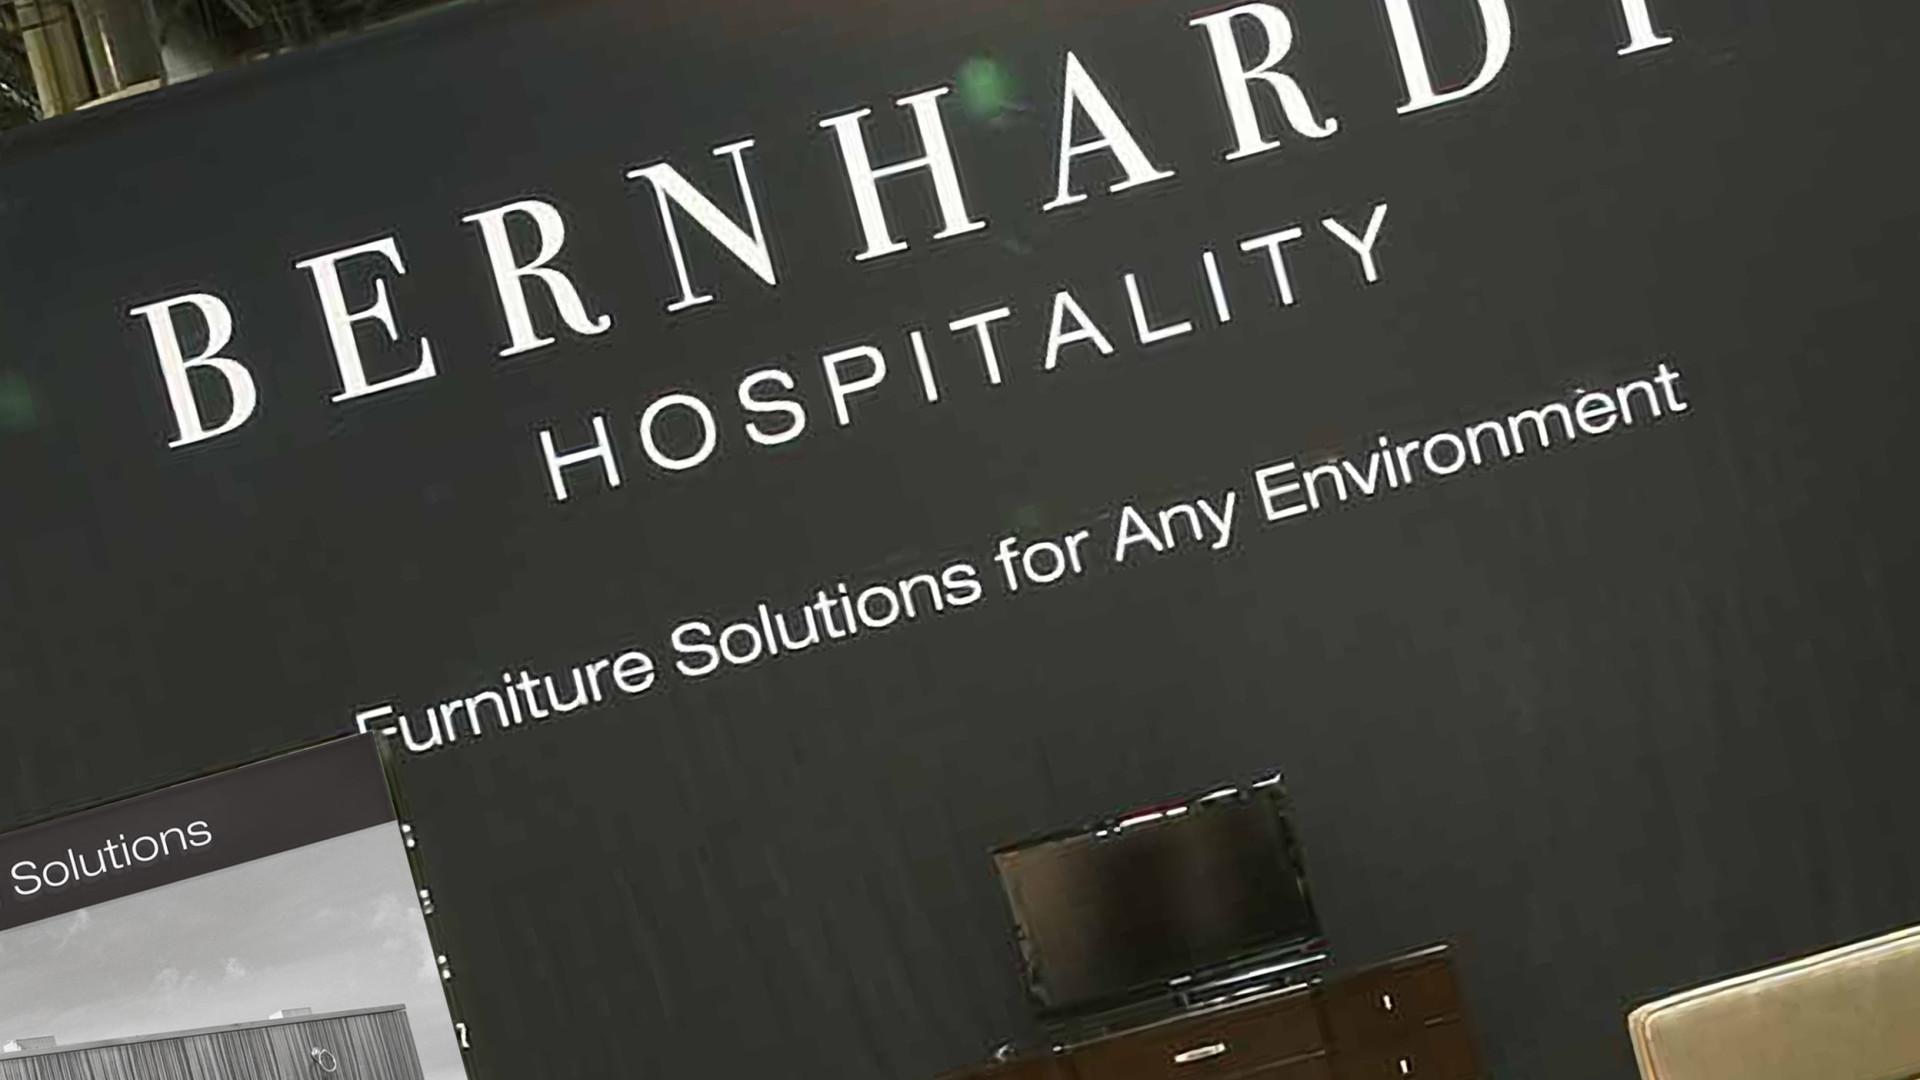 Bernhardt Any Environment Exhibit